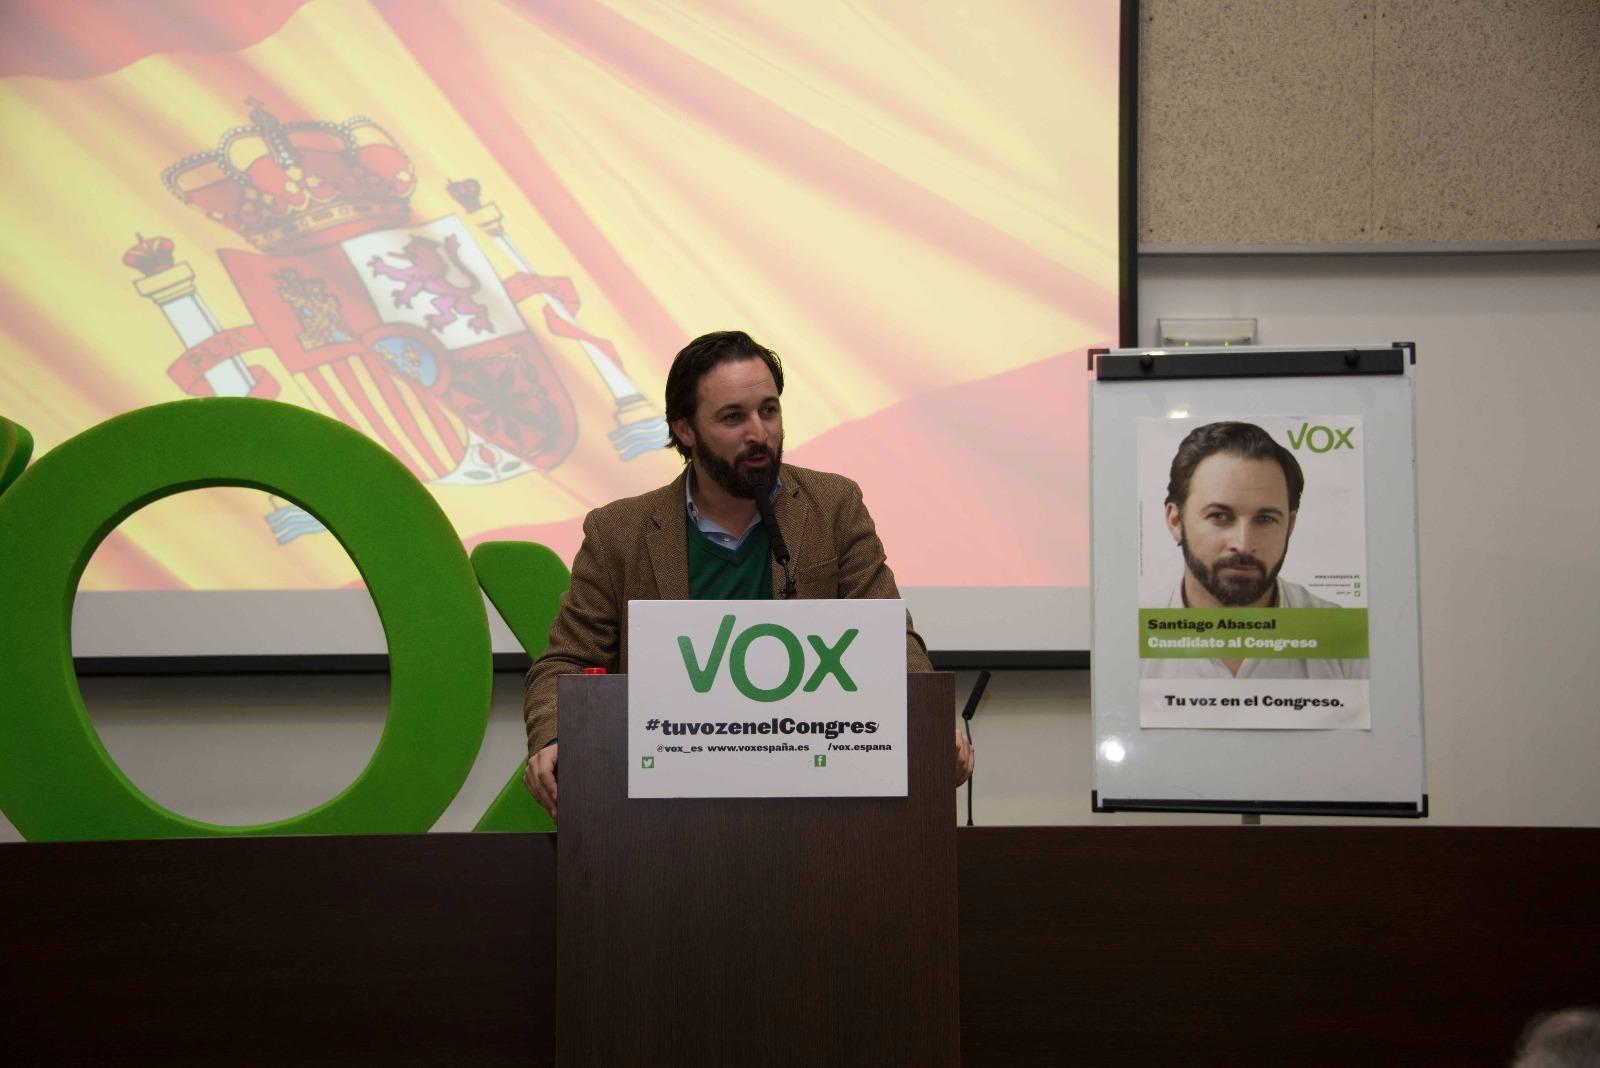 """VOX critica la inacción de Rajoy ante el """"desvarío separatista"""" en un abarrotado acto electoral"""